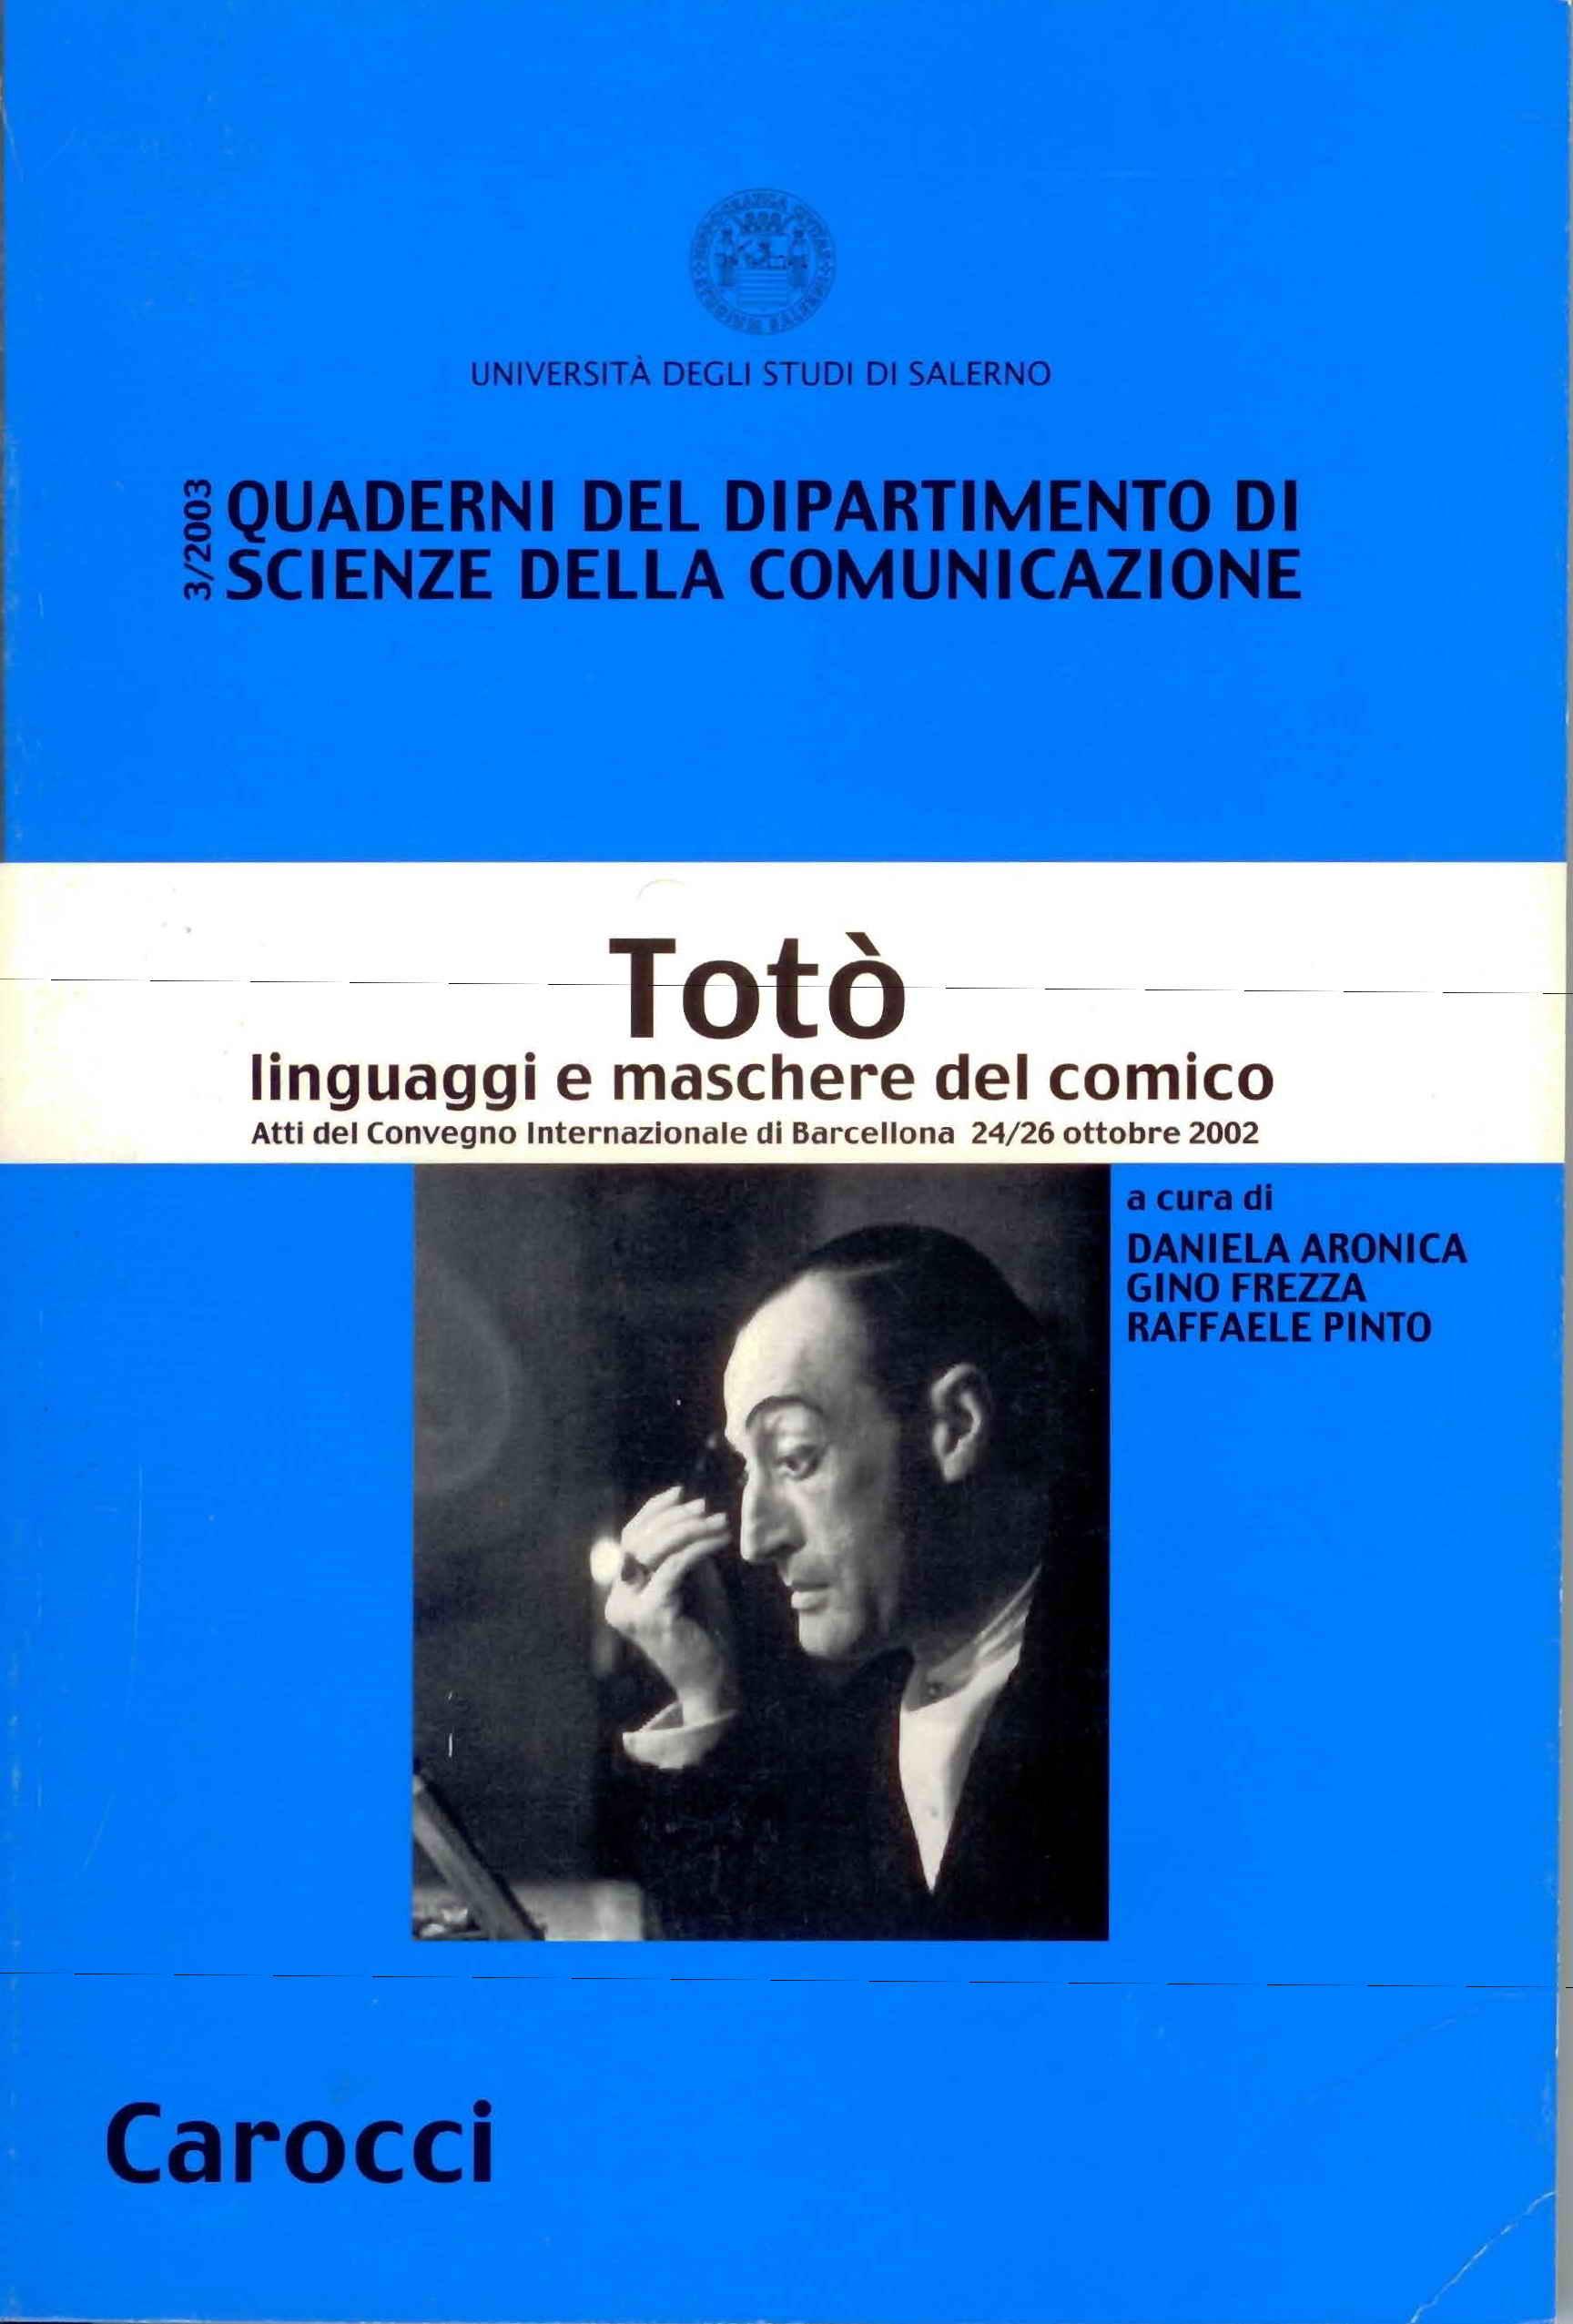 Totò. Linguaggi e maschere del comico. Atti del Convegno Internazionale (Barcellona, 24-26 ottobre 2002)